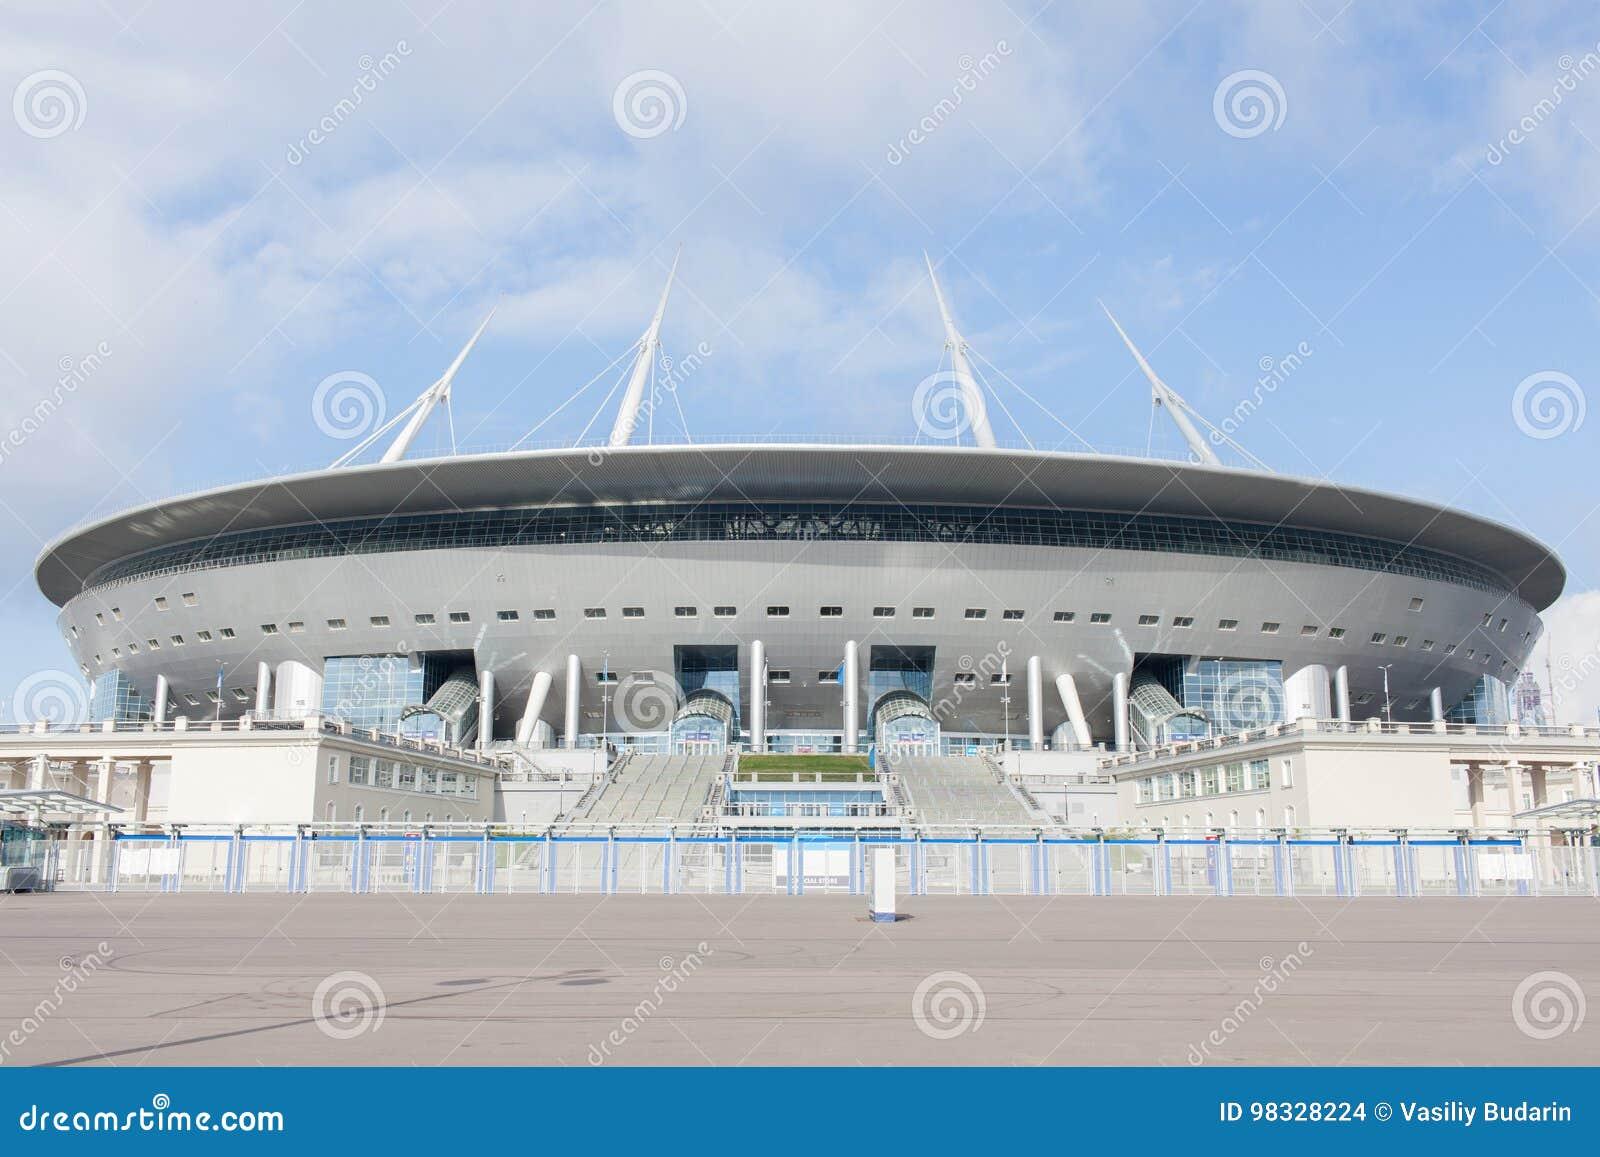 Arena de Zenit do estádio, o mais caramente no mundo, o campeonato do mundo de FIFA em 2018 St Petersburg, Rússia